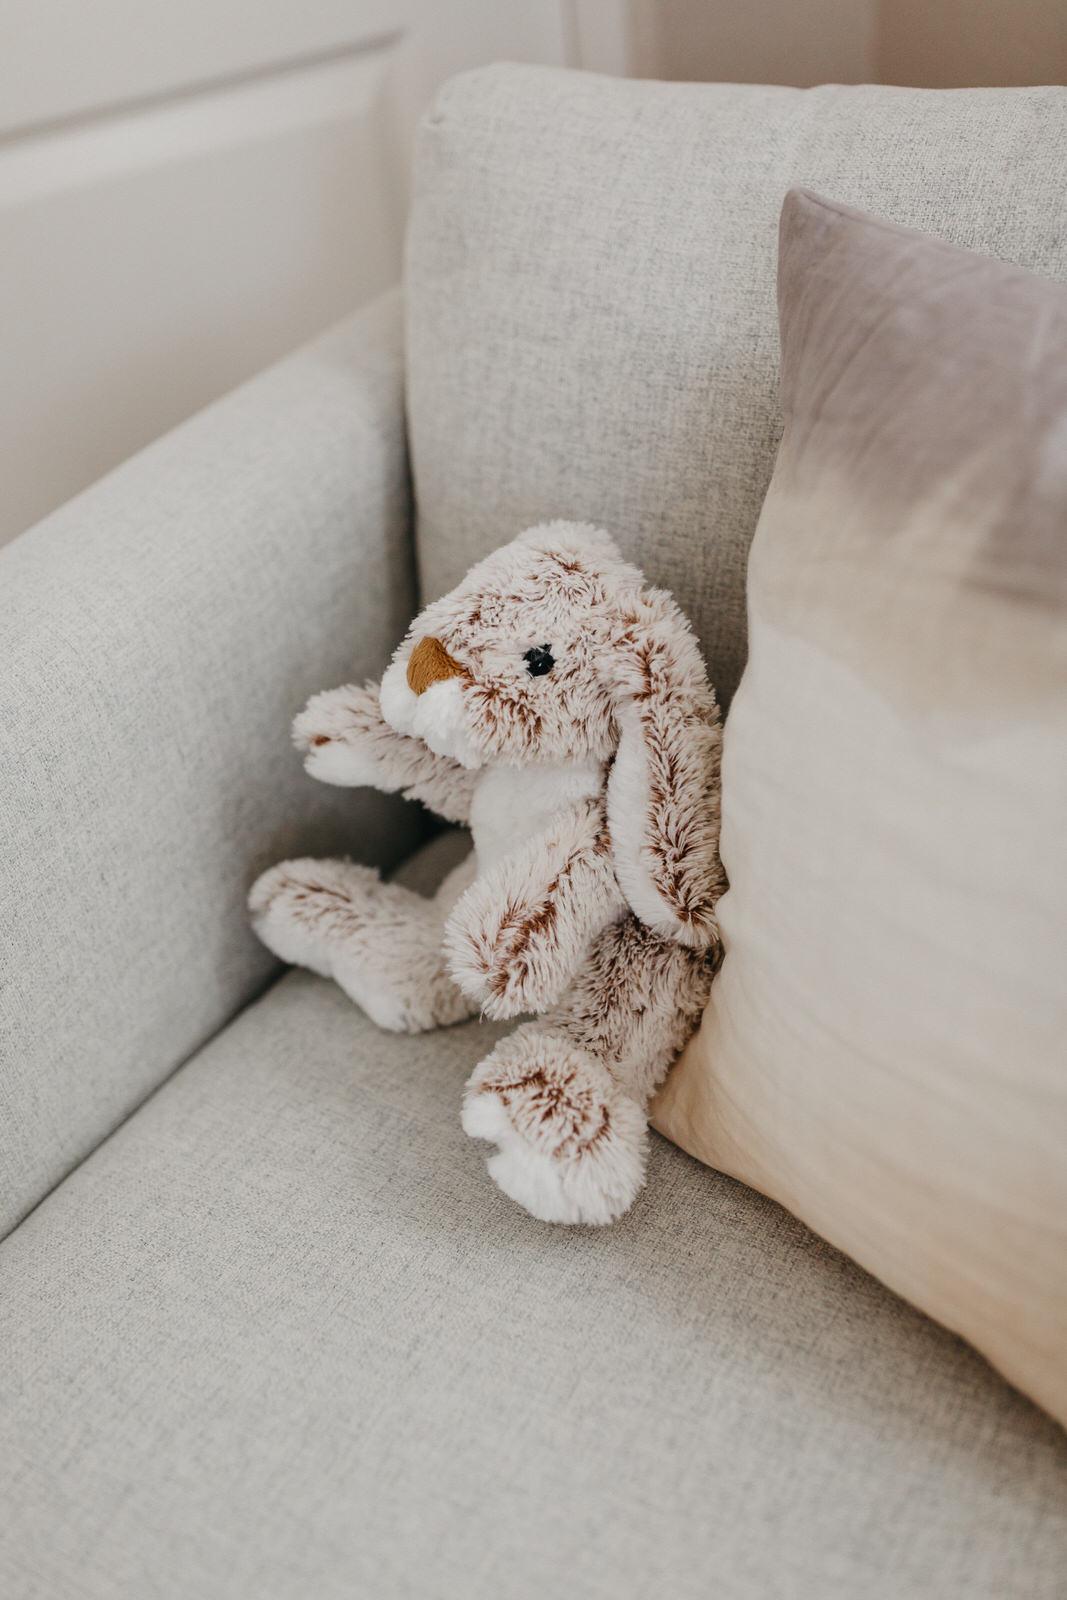 Chloé's Nursery - Baby's Room - V1 (25 of 48).jpg